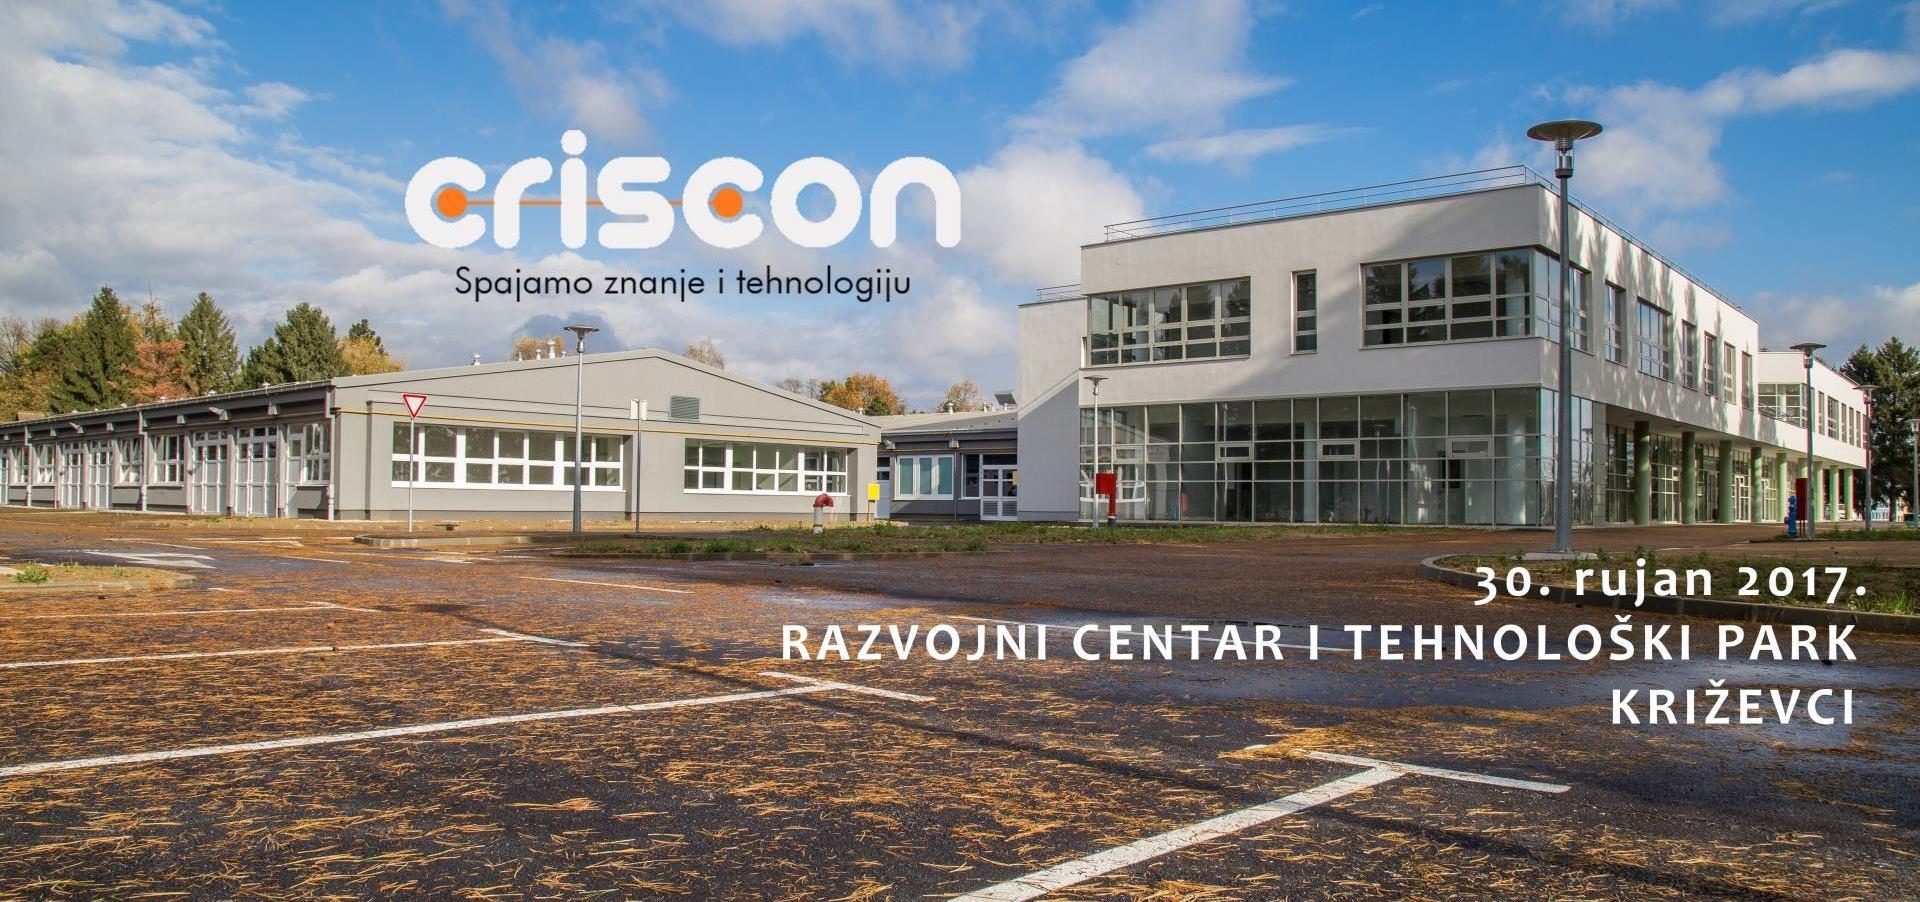 Grad Križevci domaćin je prve CrisCon konferencije 2017